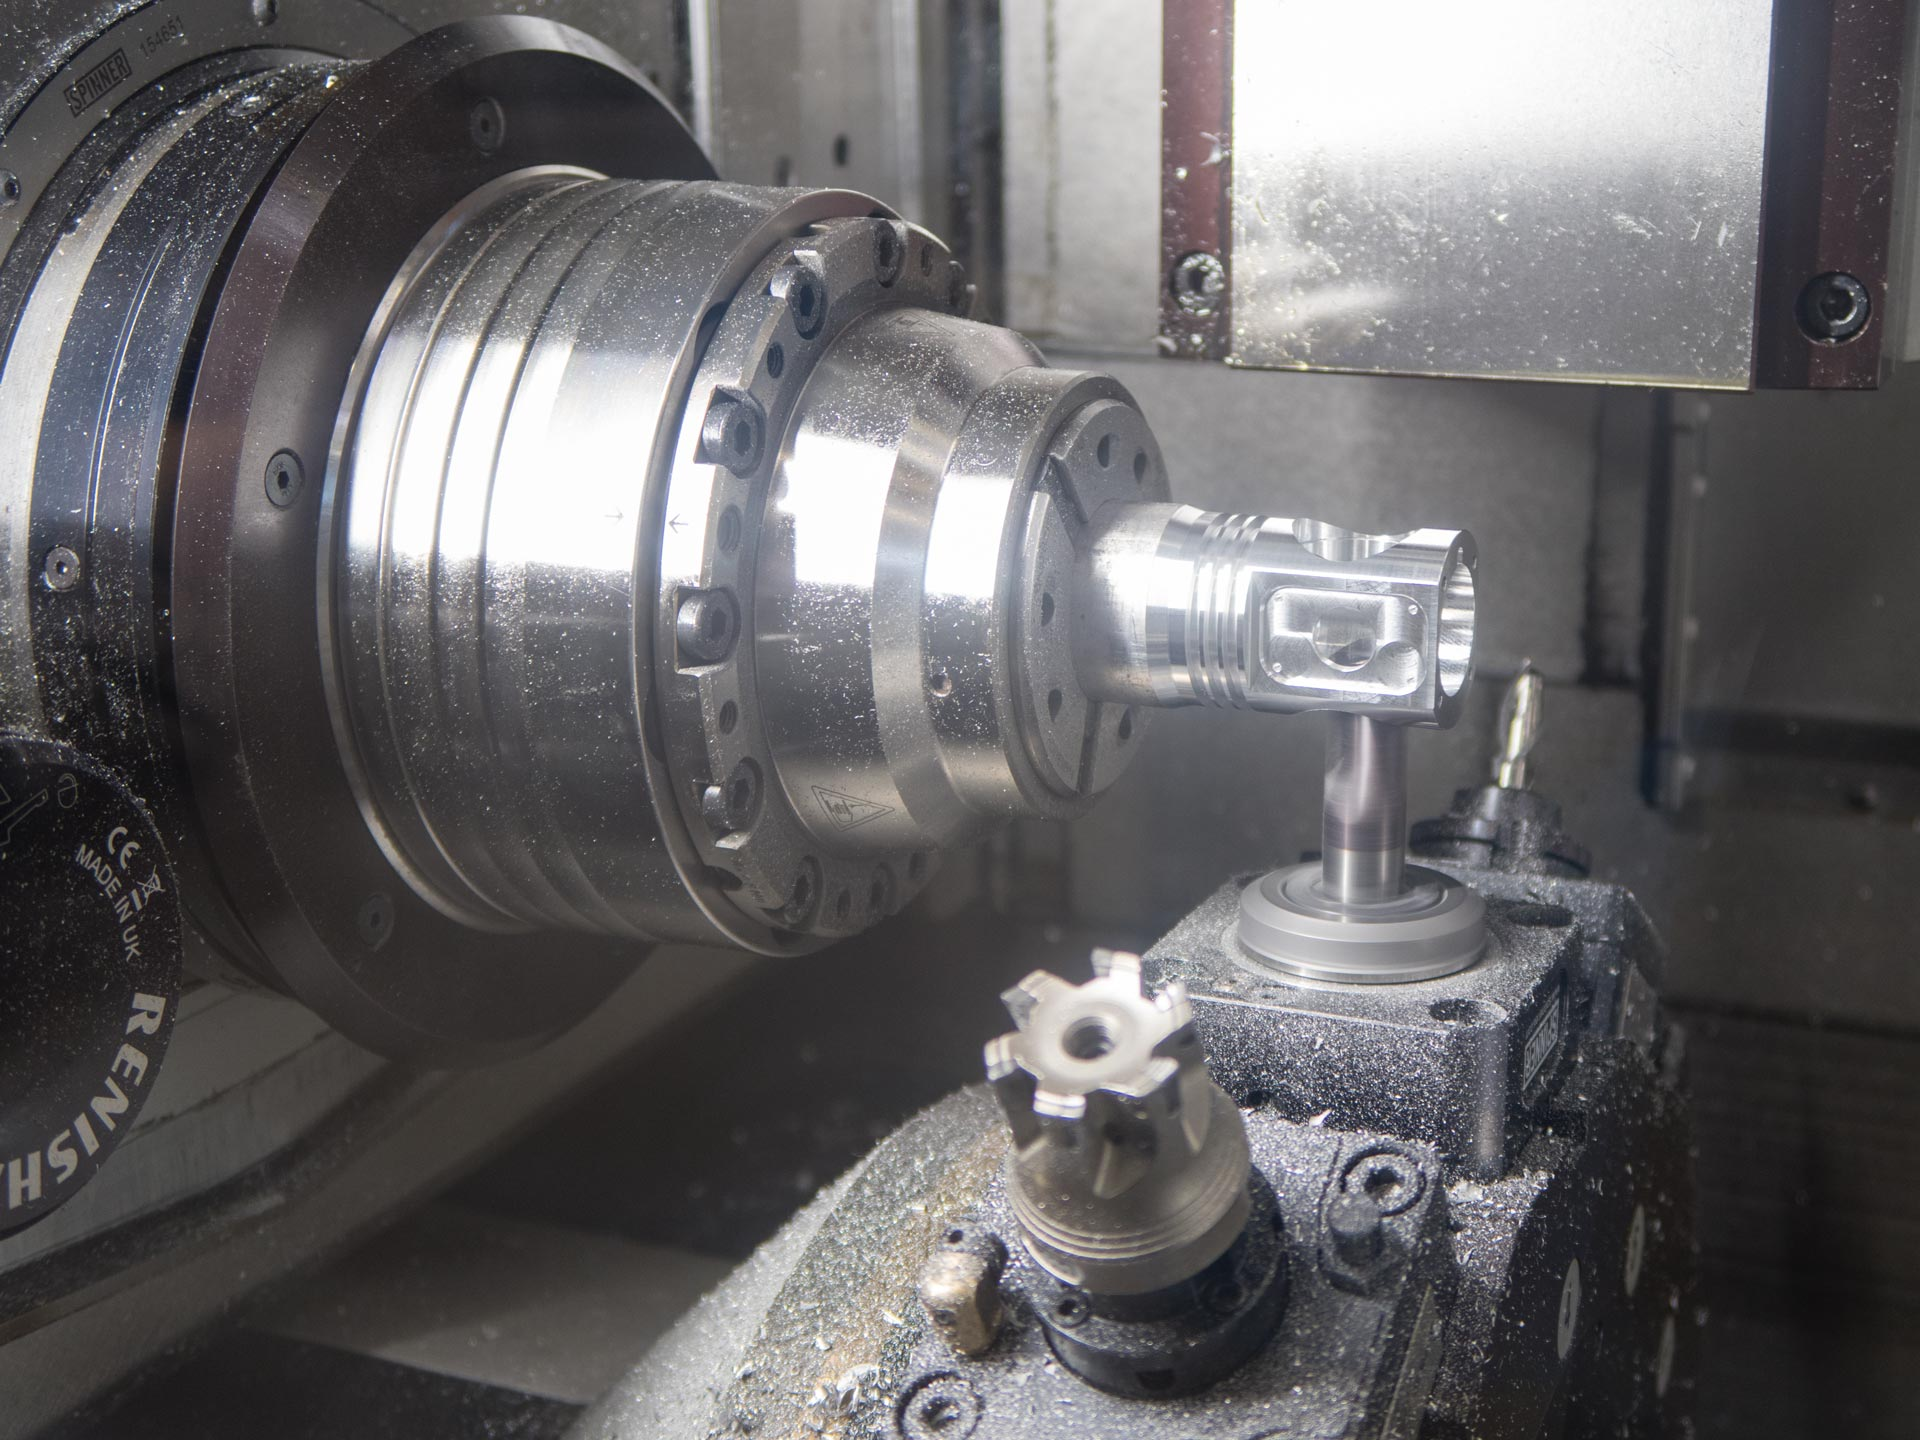 Spinner AG - Ultrapräzisionszentrum Microturn LT - Bearbeitung